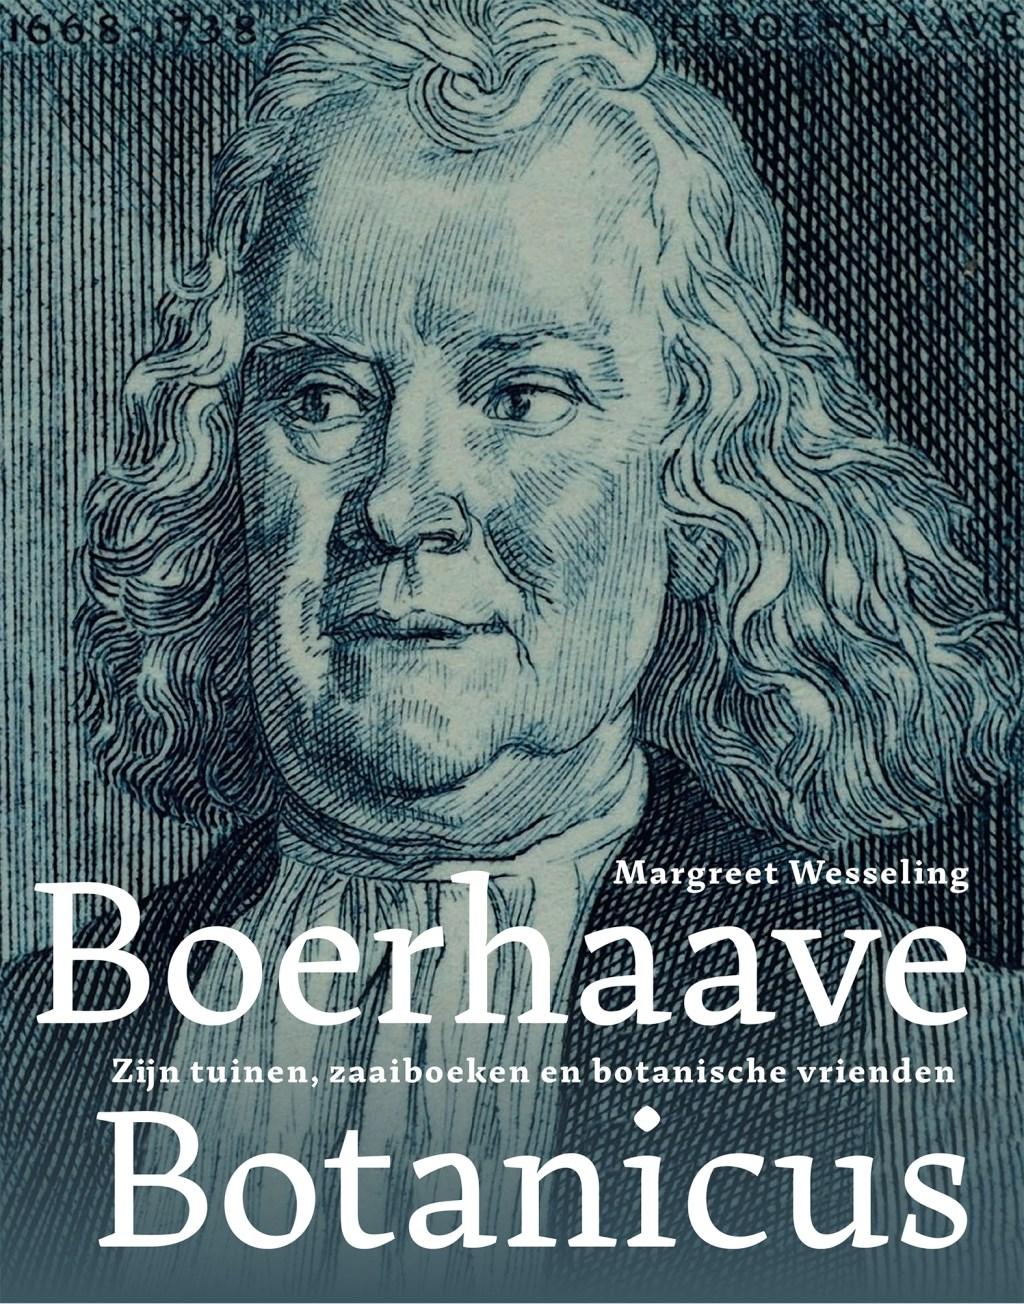 Boerhaave noemde zichzelf een 'hinderlijke smeker' om zaden en stekken.  © uitgeverij Verhagen